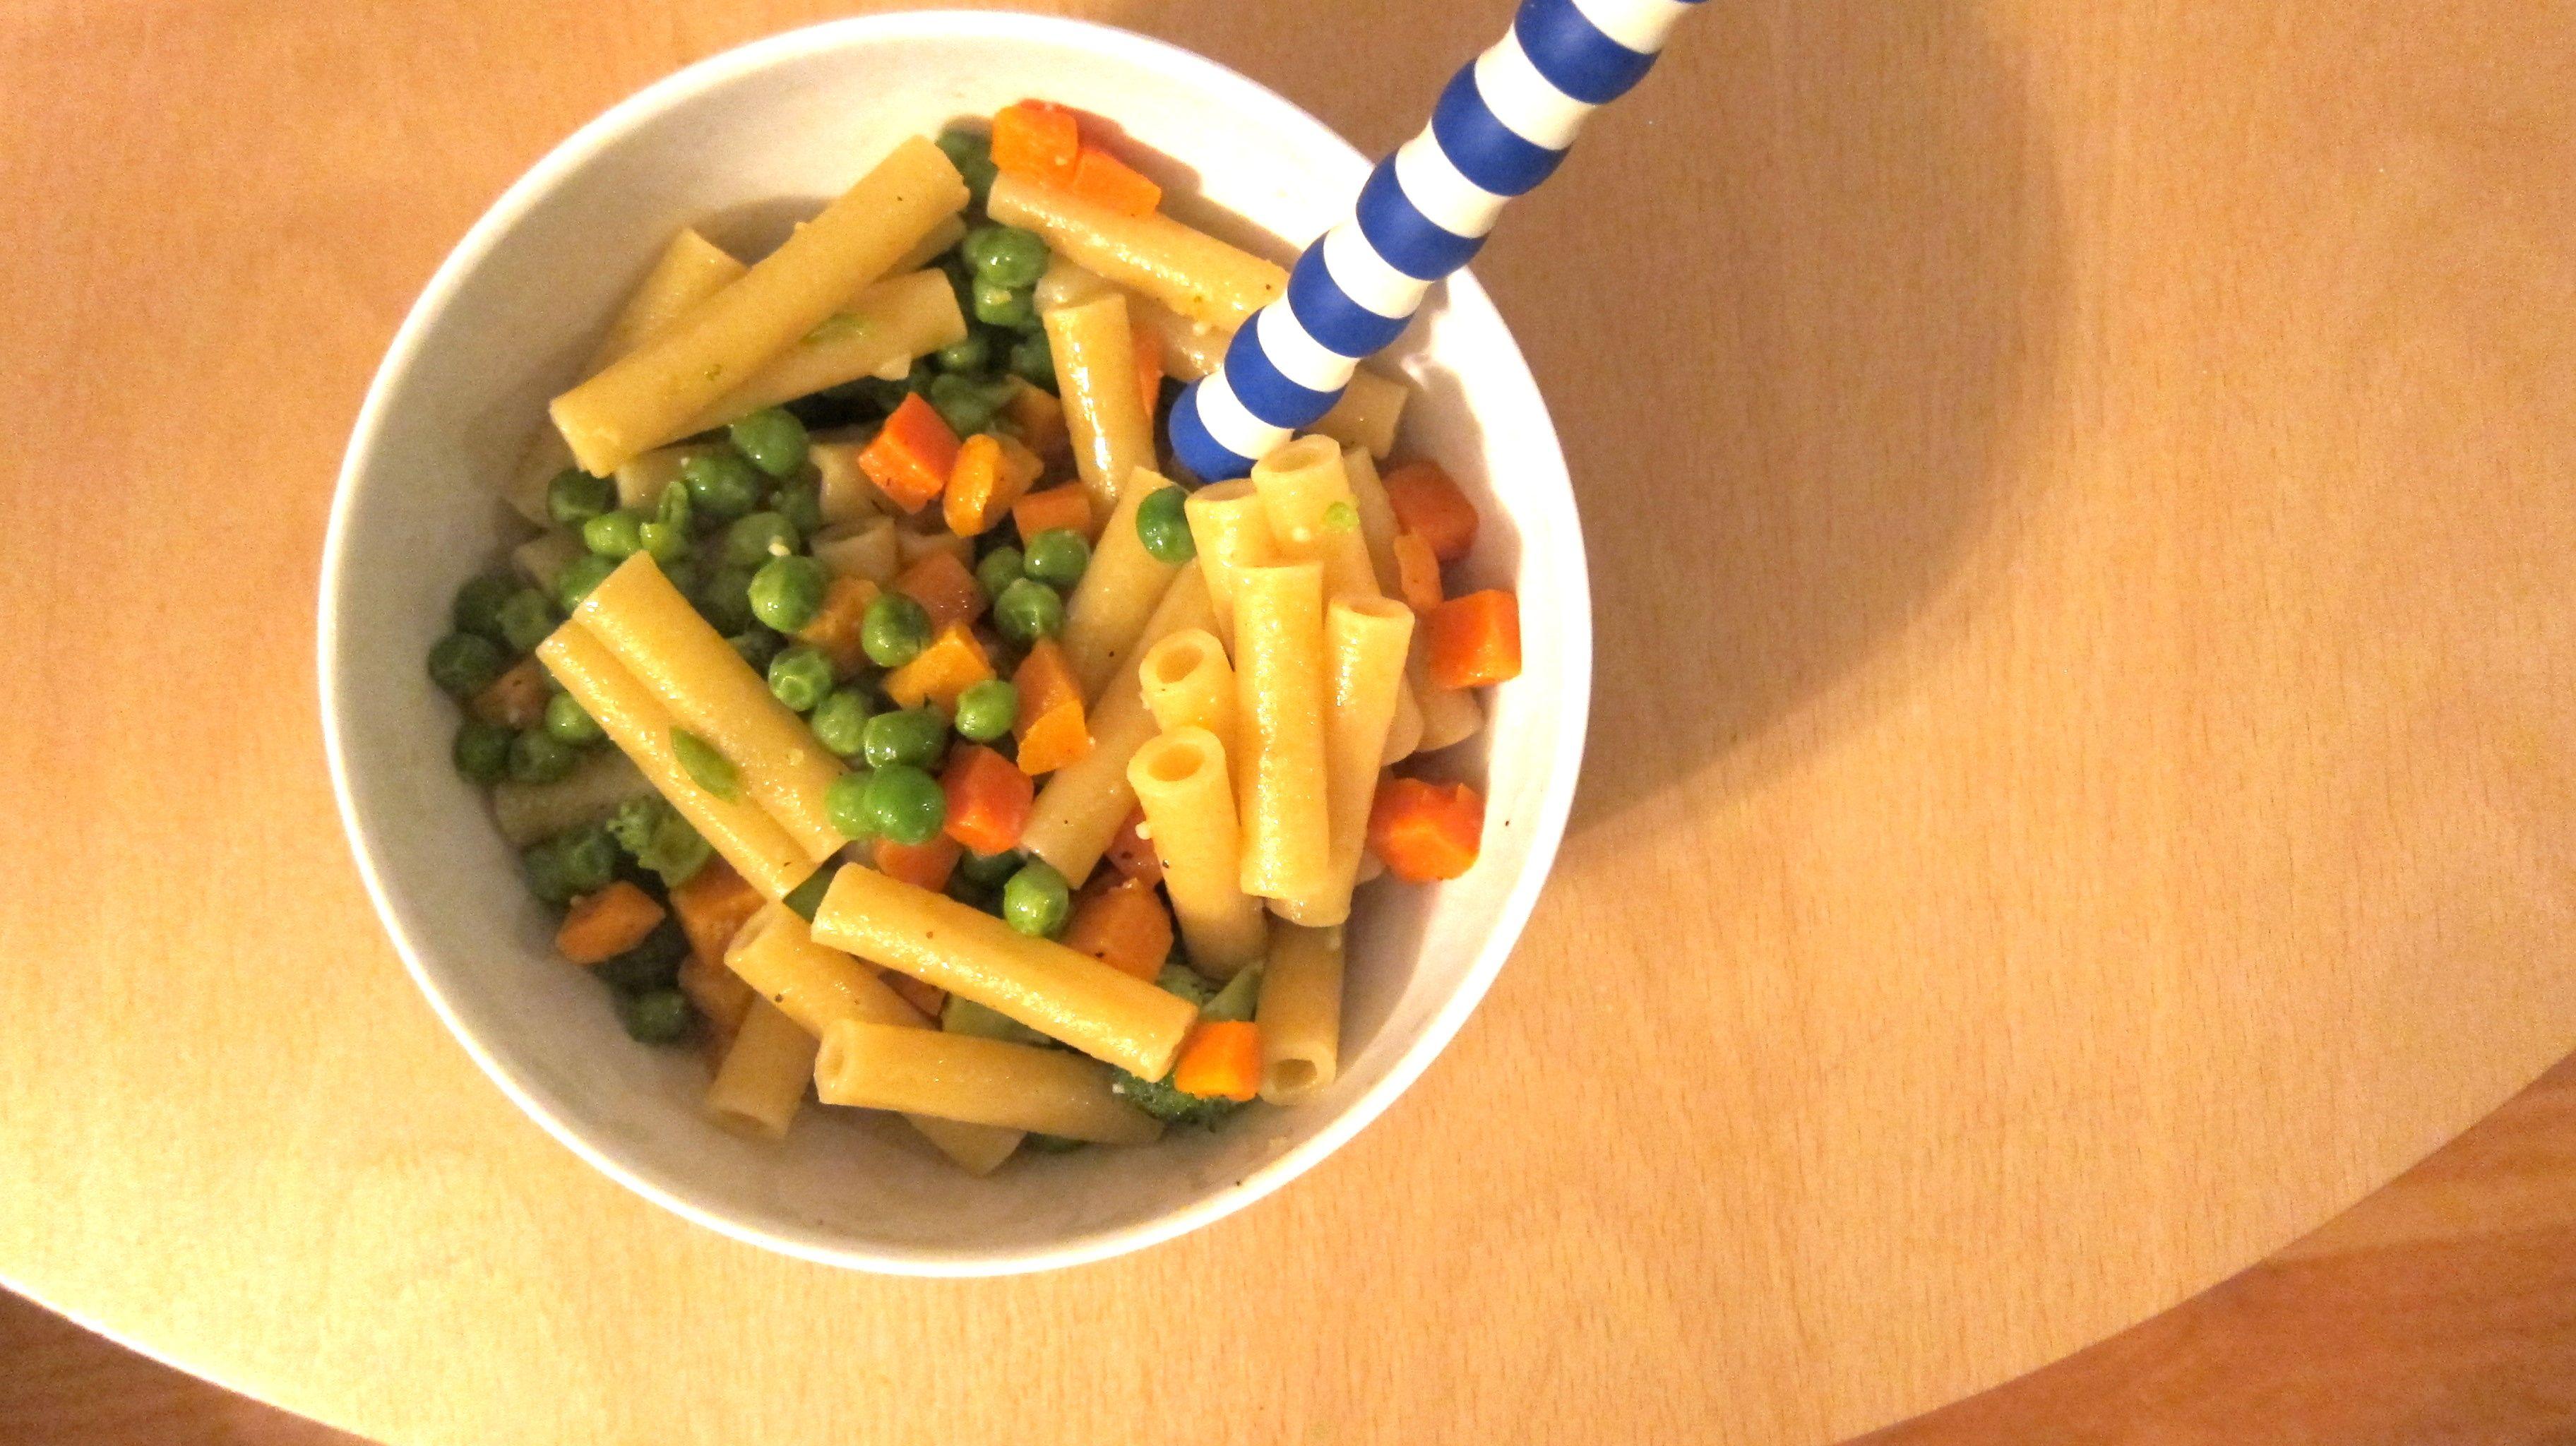 Pasta primavera clean healthy food ideas for kids gourmaya pasta primavera clean healthy food ideas for kids gourmaya gourmaya tumblr forumfinder Gallery